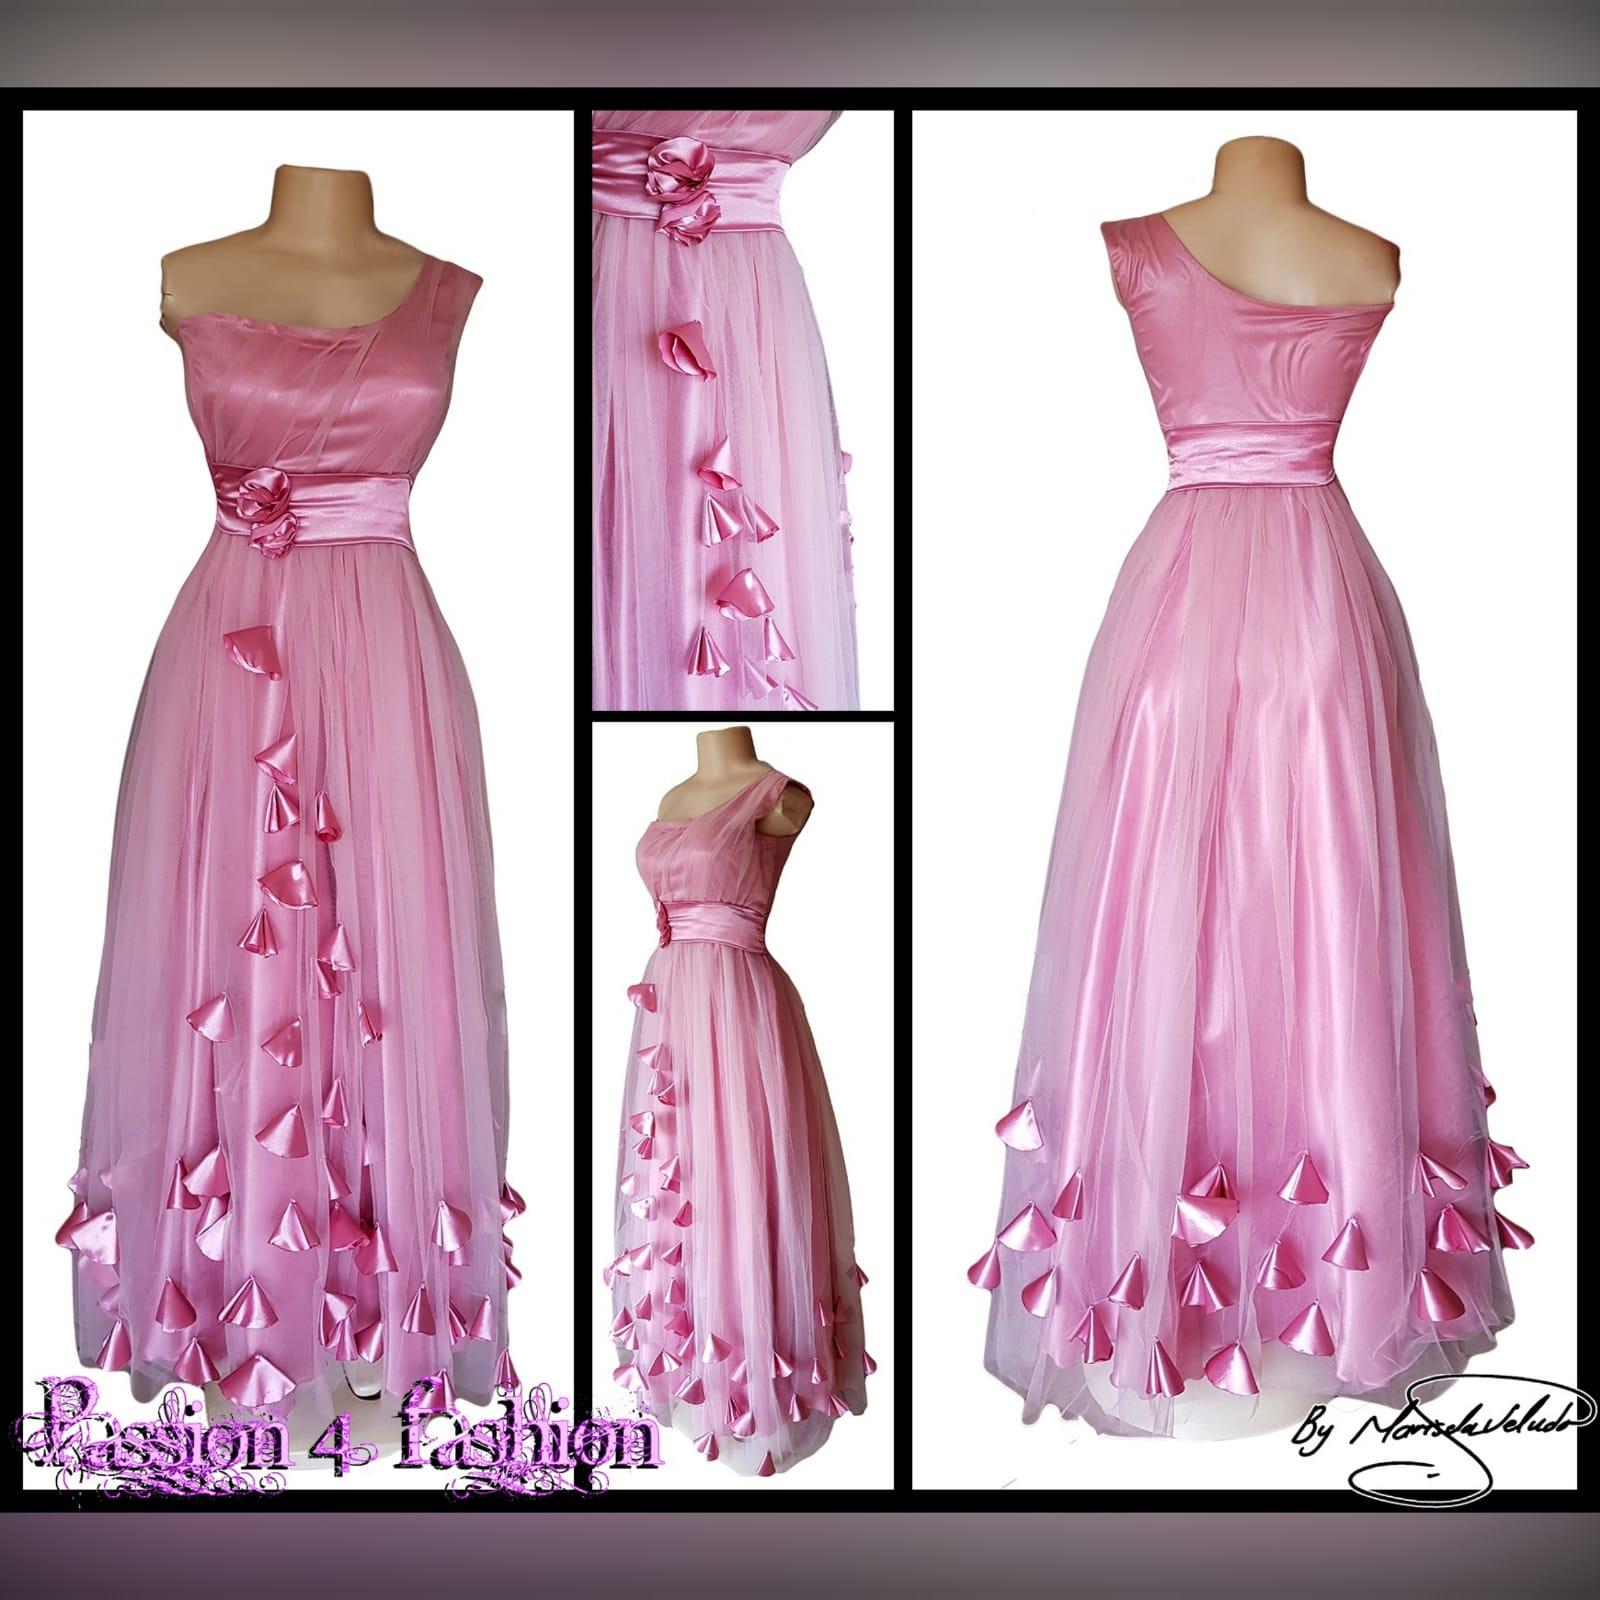 Vestido de dama de honra cor de rosa longo 7 vestido de dama de honra longo, cor rosa de tule com um unico ombro , corpete reunido, cinto de cetim , detalhado com rosas e pétalas.